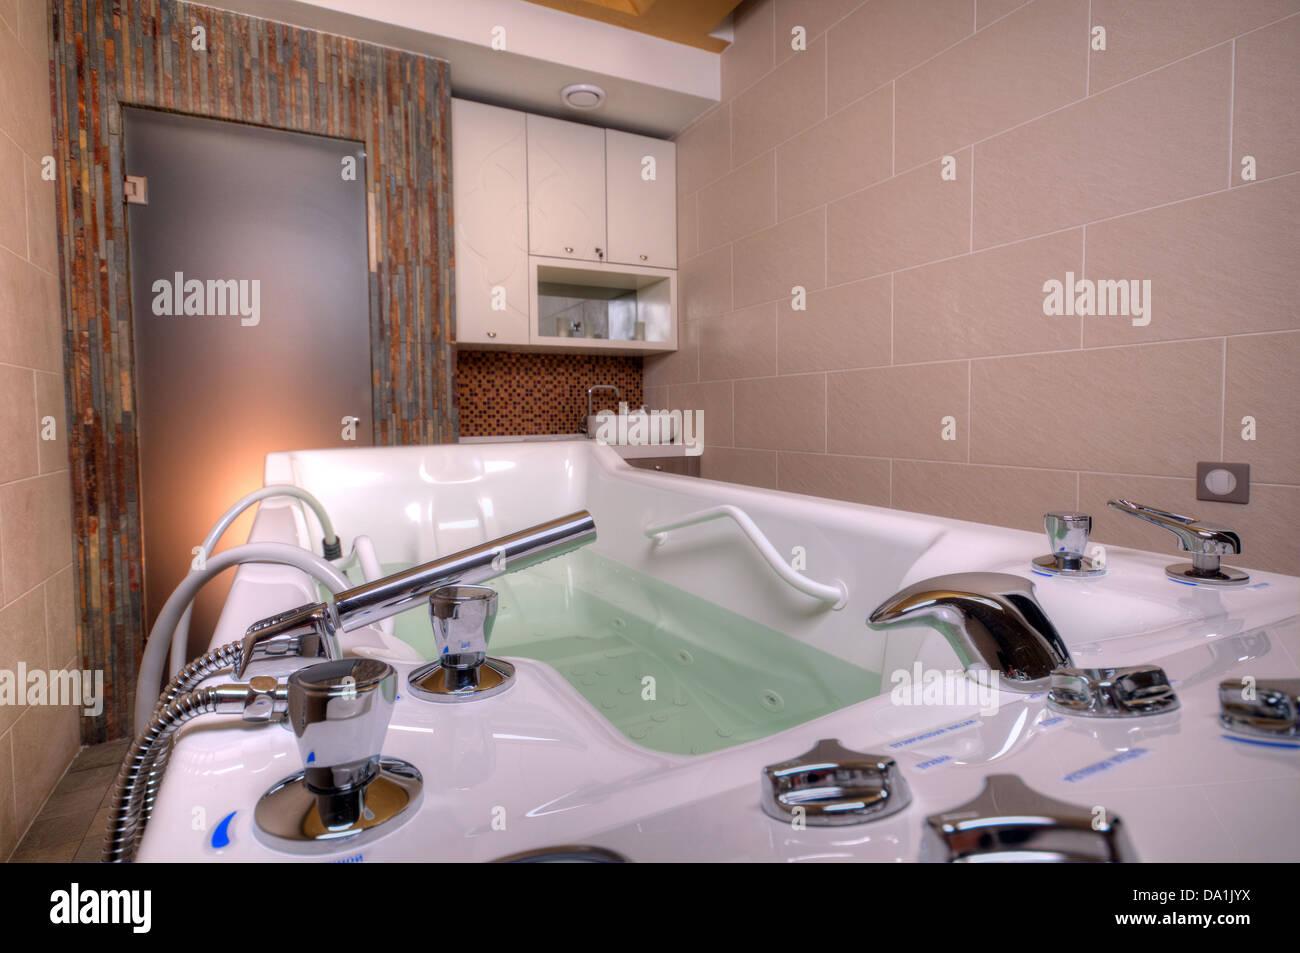 Jacuzzi-Whirlpool-Badewanne in einem Badezimmer aus Marmor Stockfoto ...